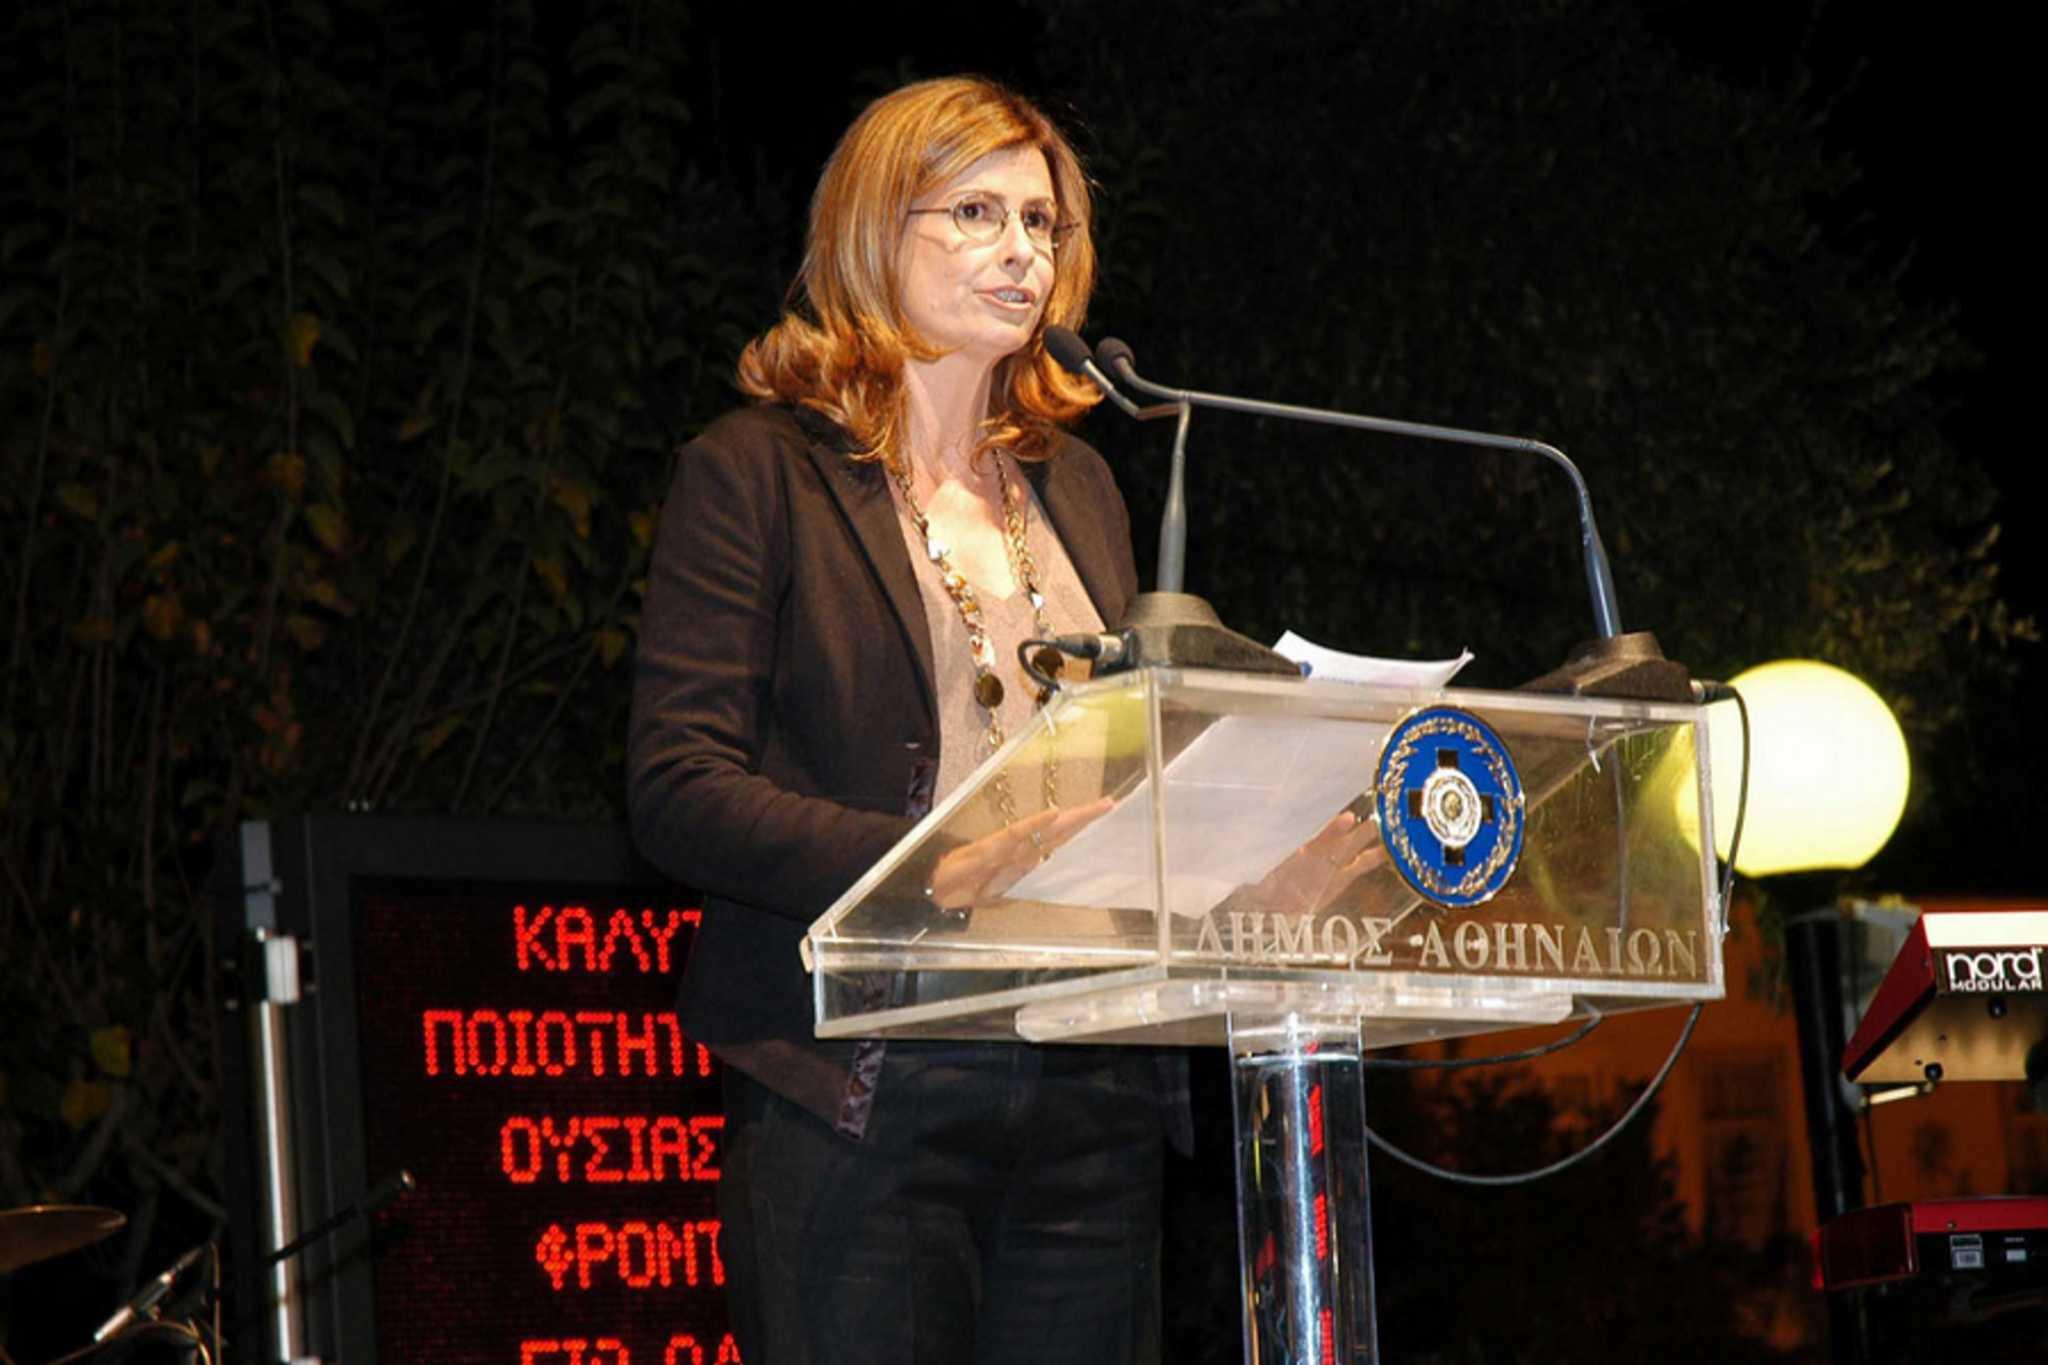 Δήμος Αθηναίων: Αυτόν επέλεξε ο Μπακογιάννης για να αντικαταστήσει την Αλεξία Έβερτ